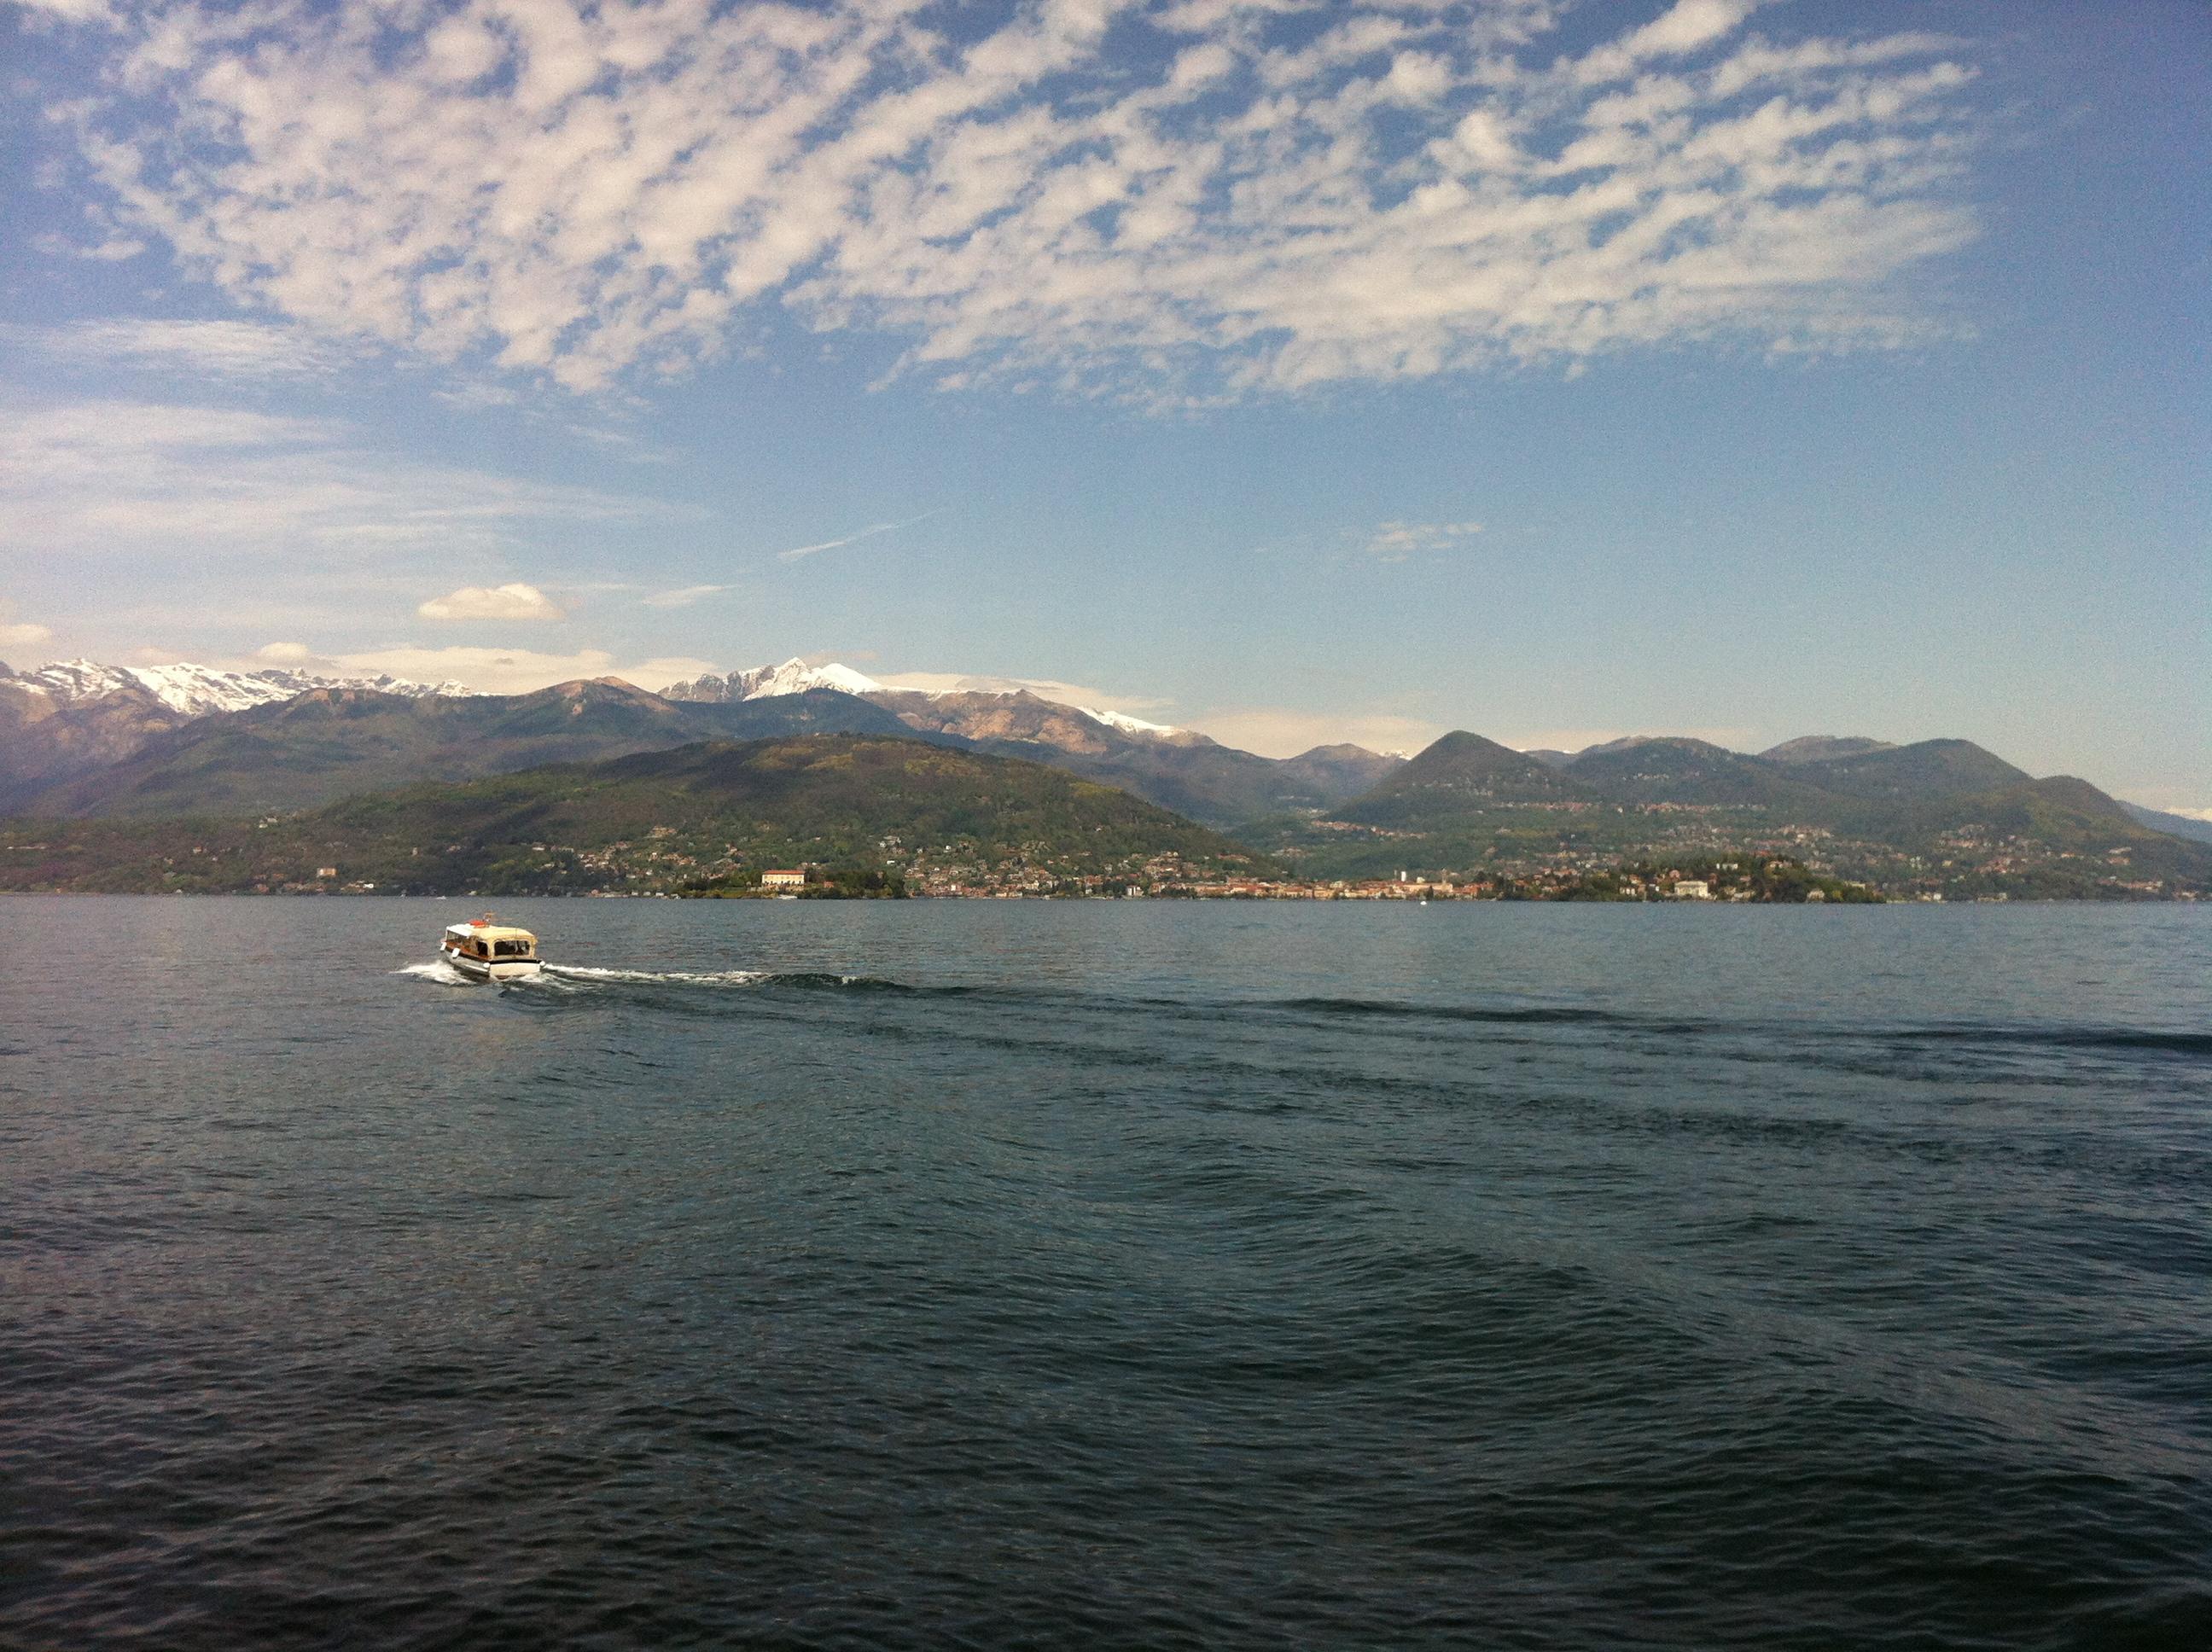 Idee per una vacanza: il lago Maggiore (parte I)